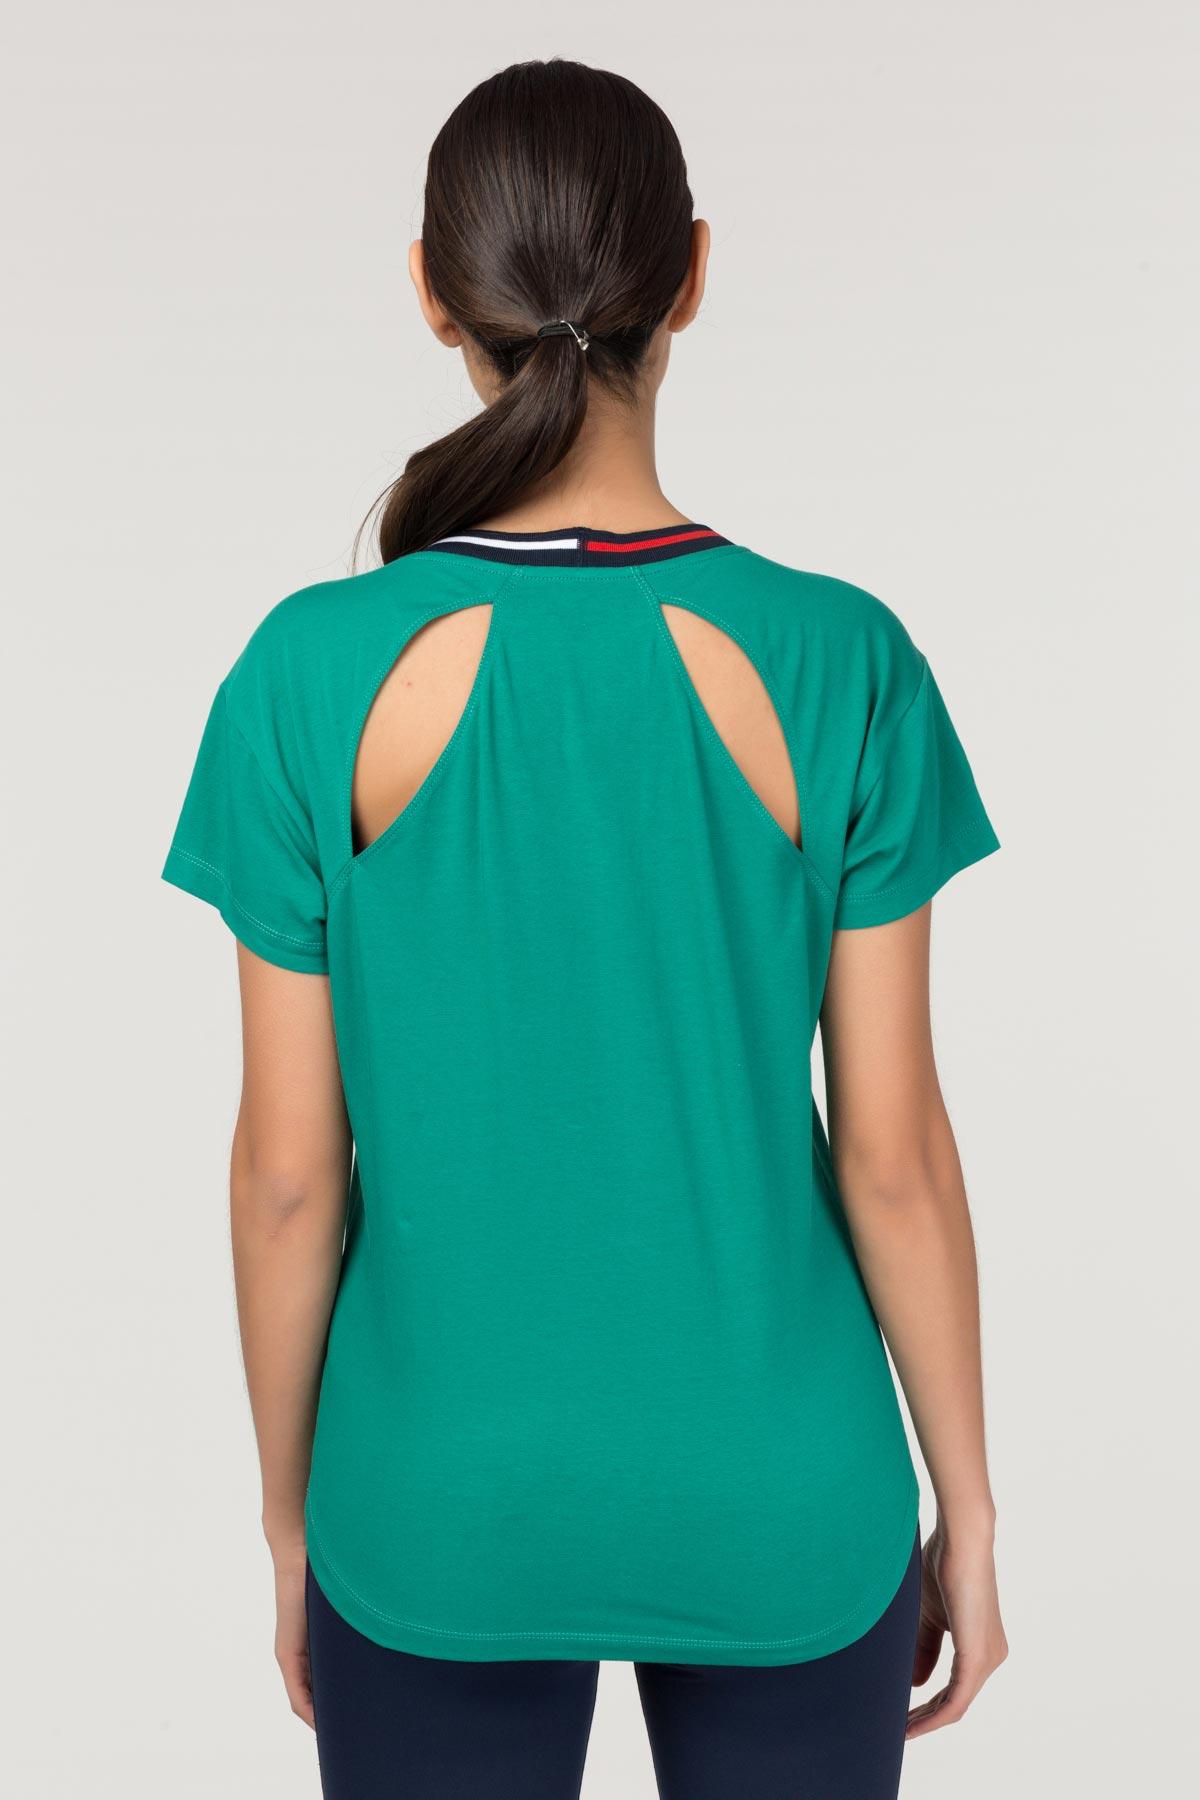 Bilcee Yeşil Sırt Detaylı Kadın T-Shirt FS-1120 BİLCEE